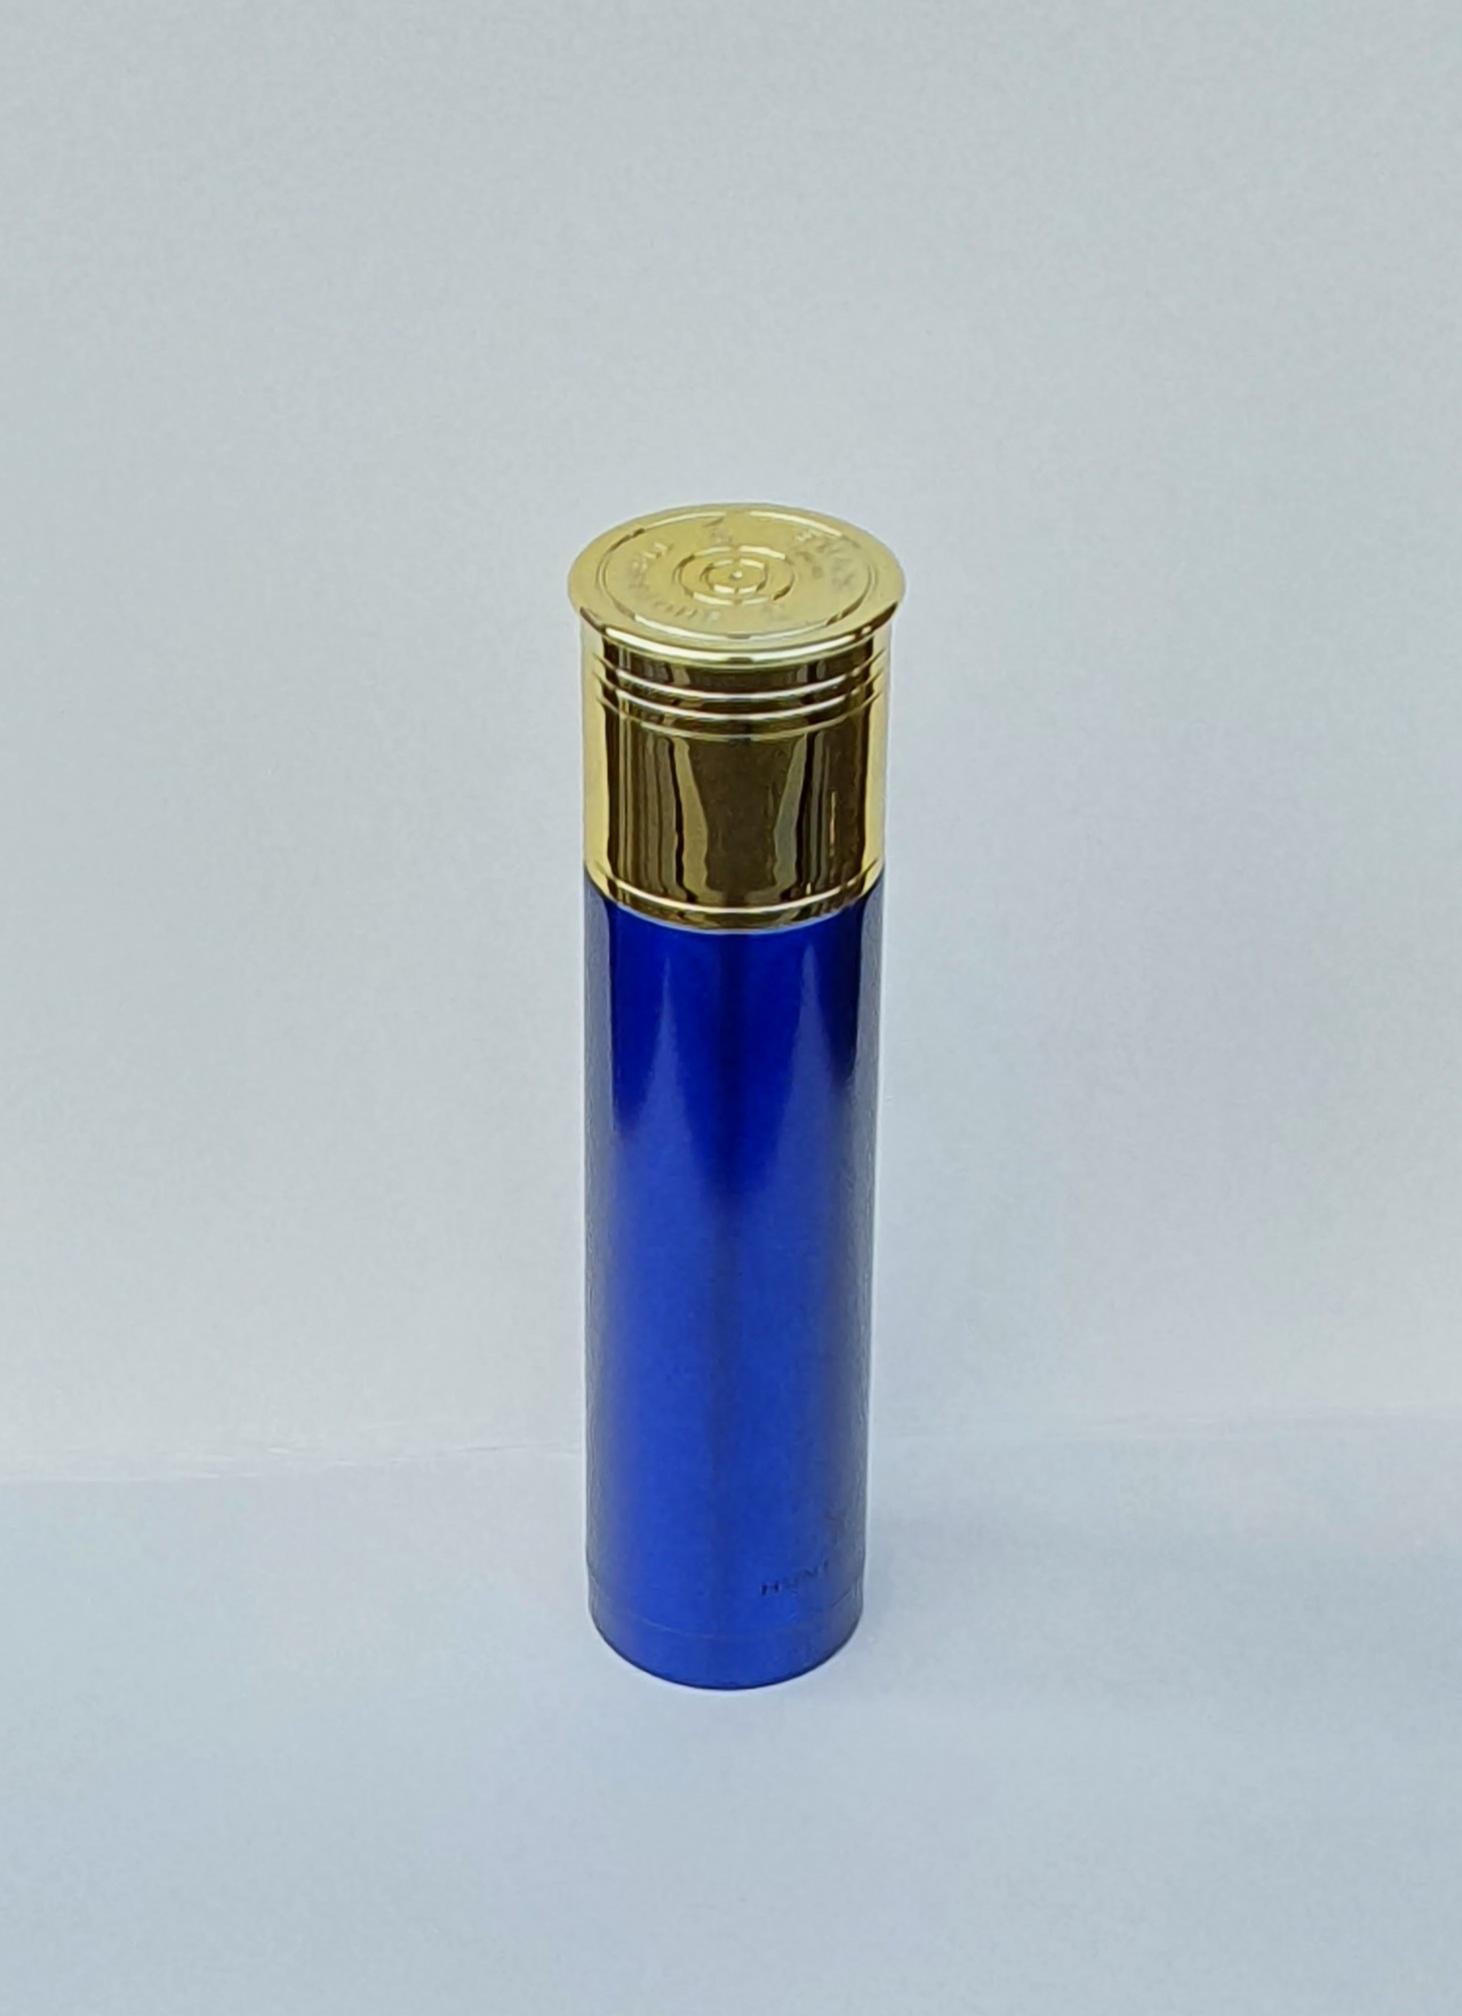 Flask - Cartridge